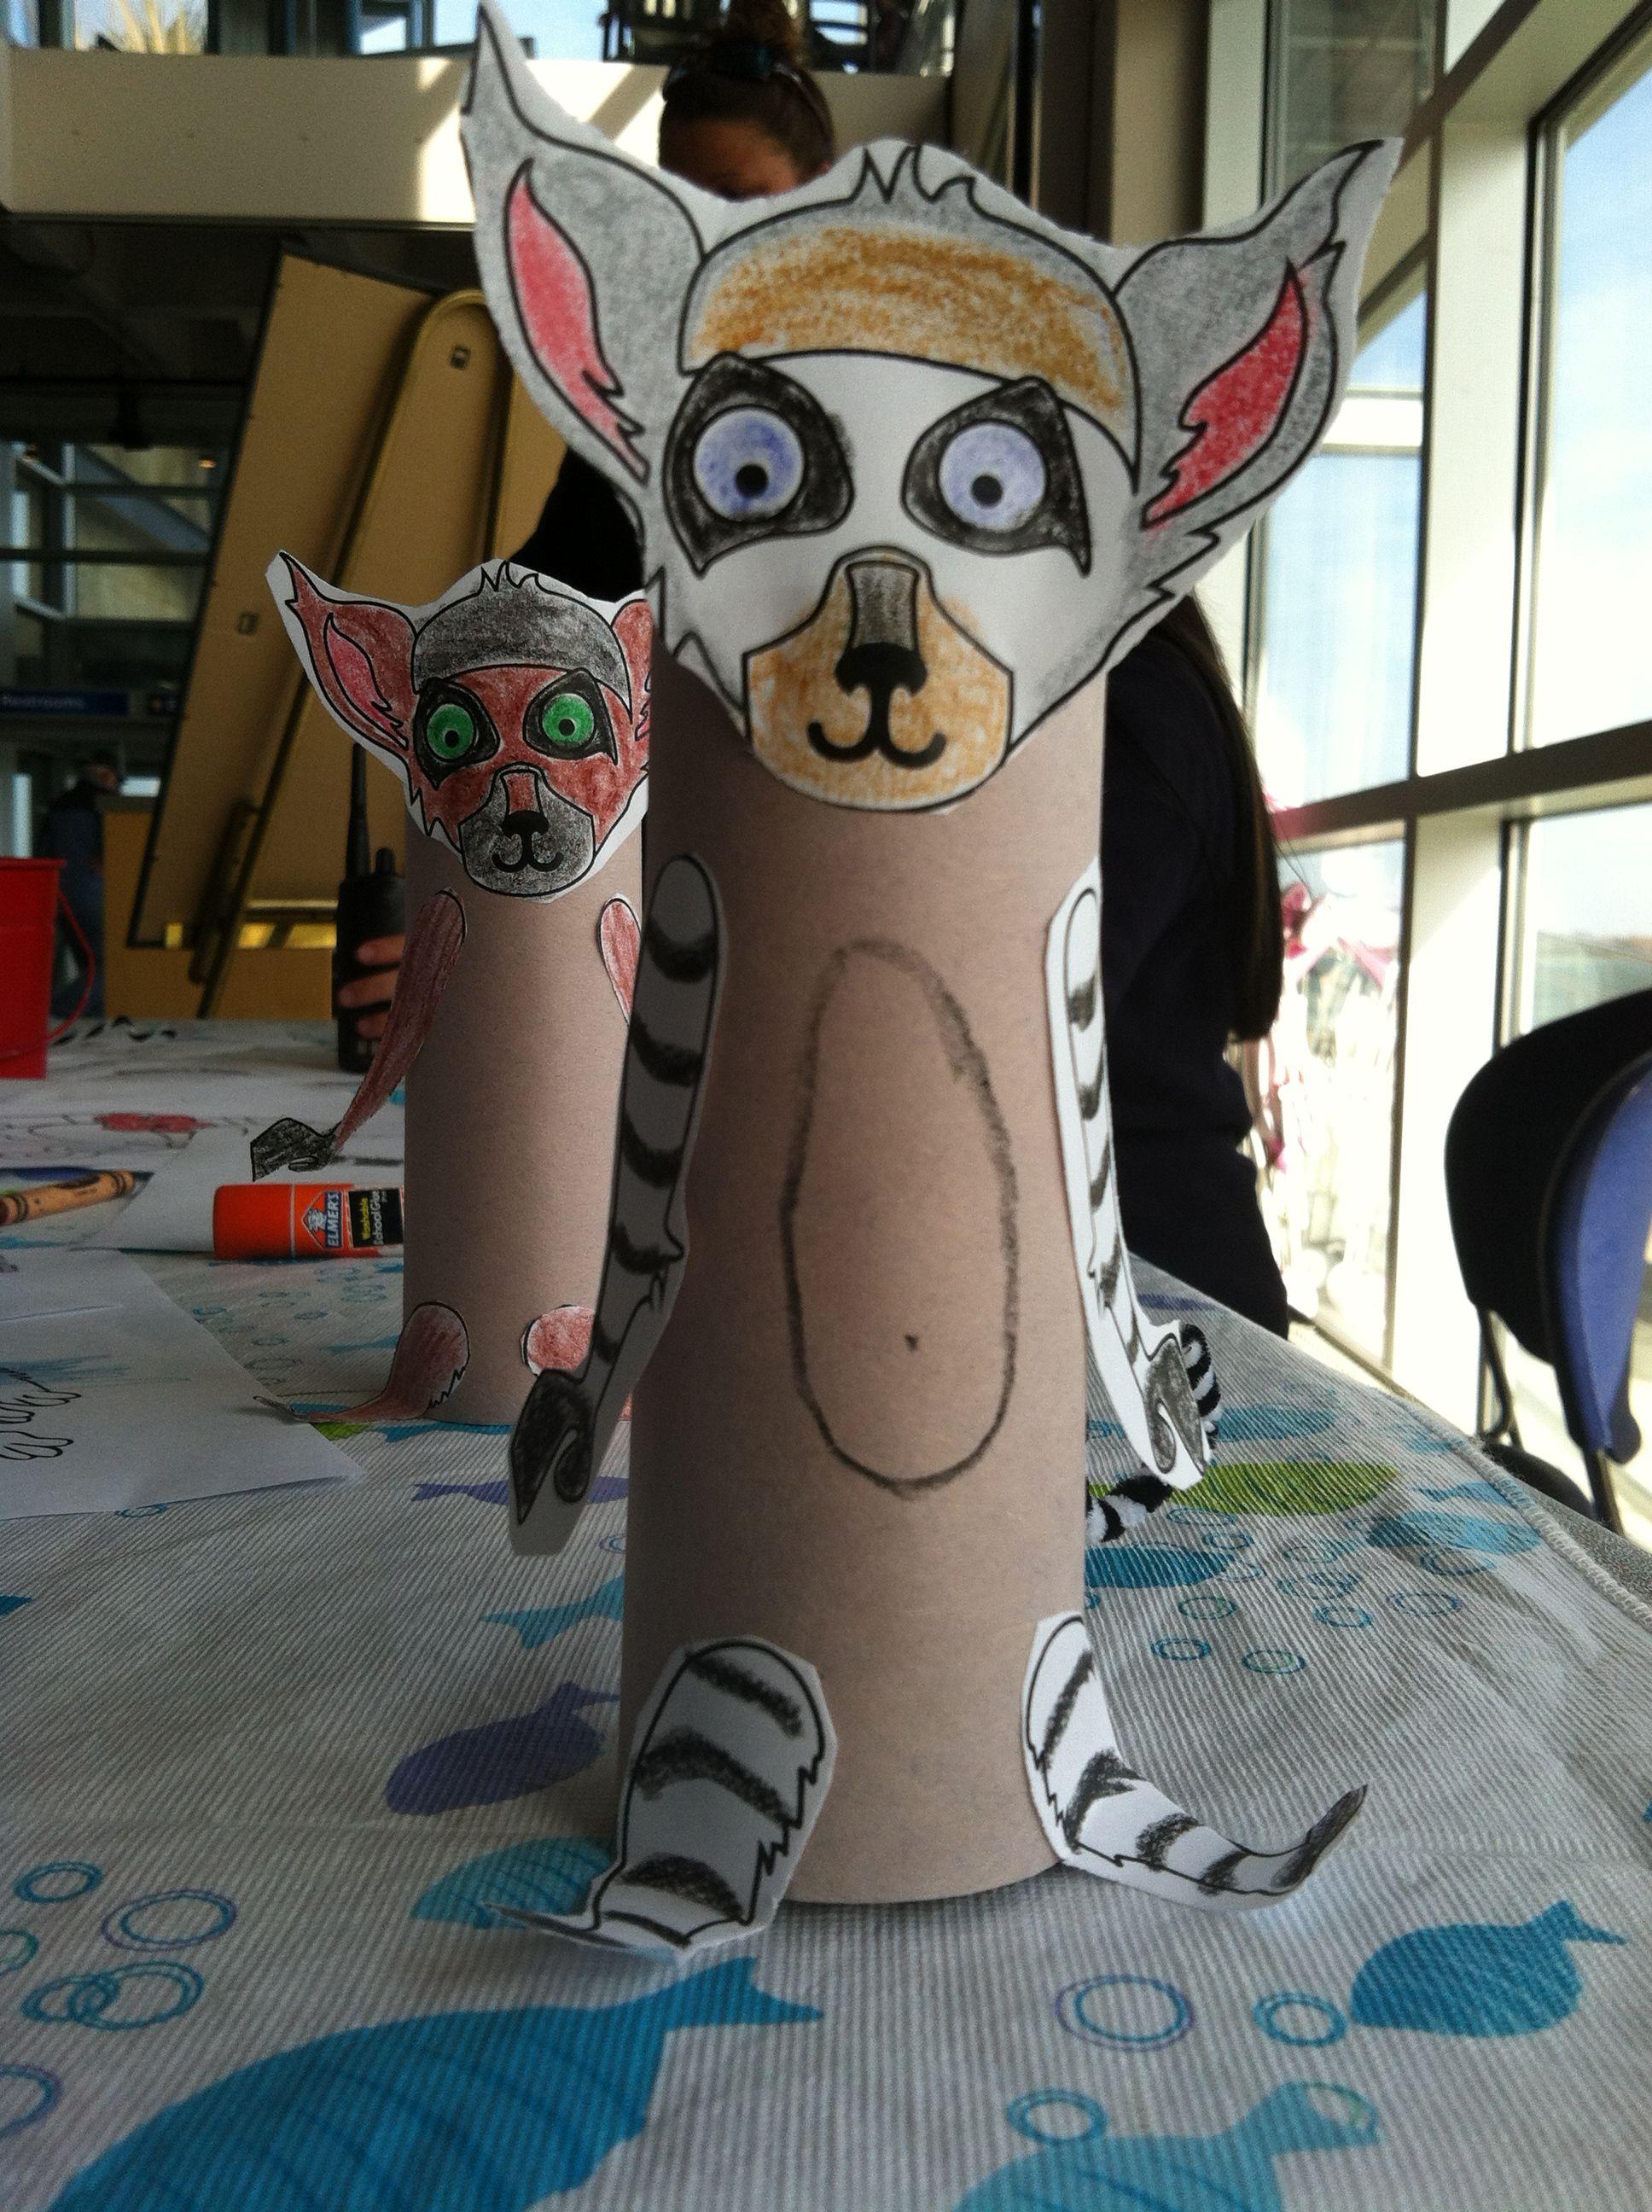 Lemur Craft We Are Doing At The Aquarium